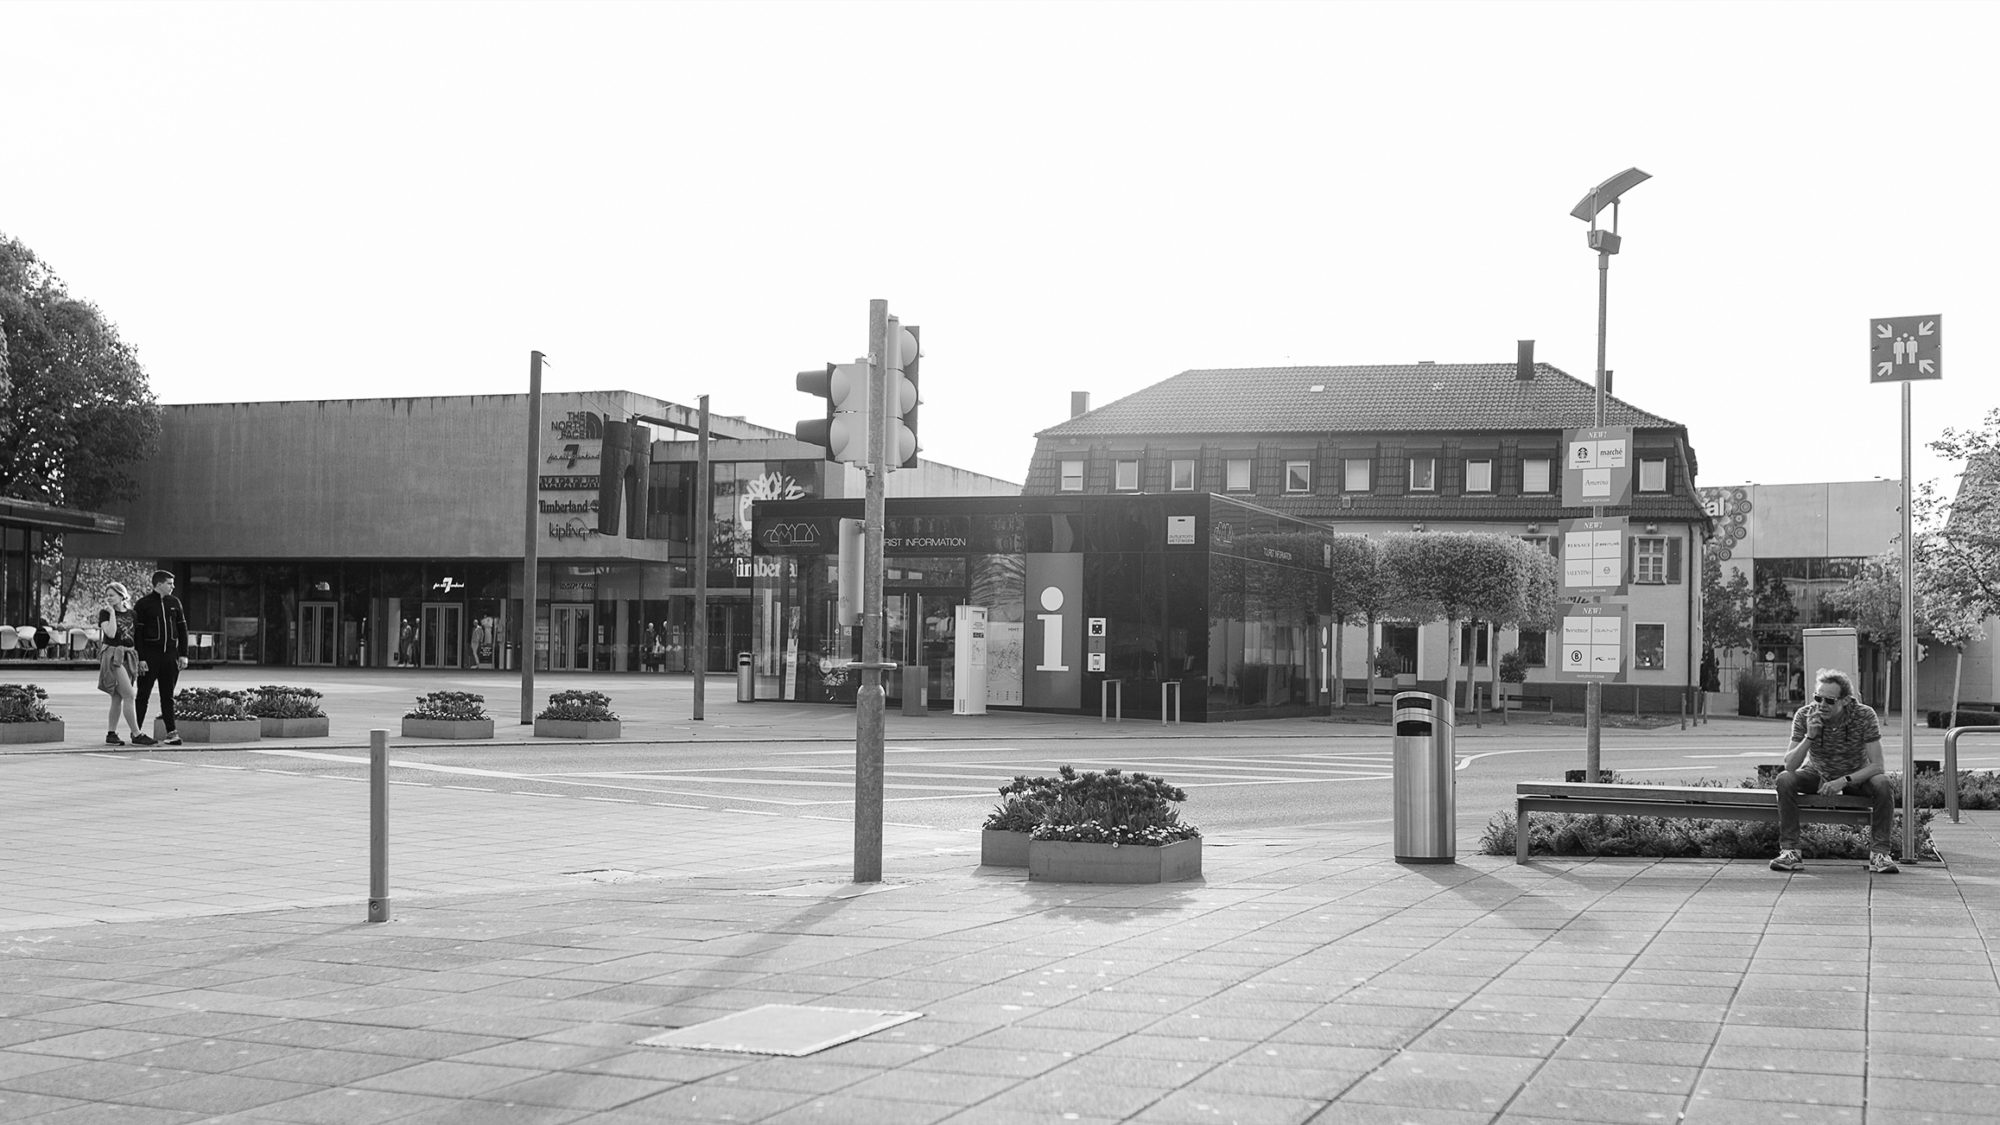 Strassenszene in der Outletcity Metzingen